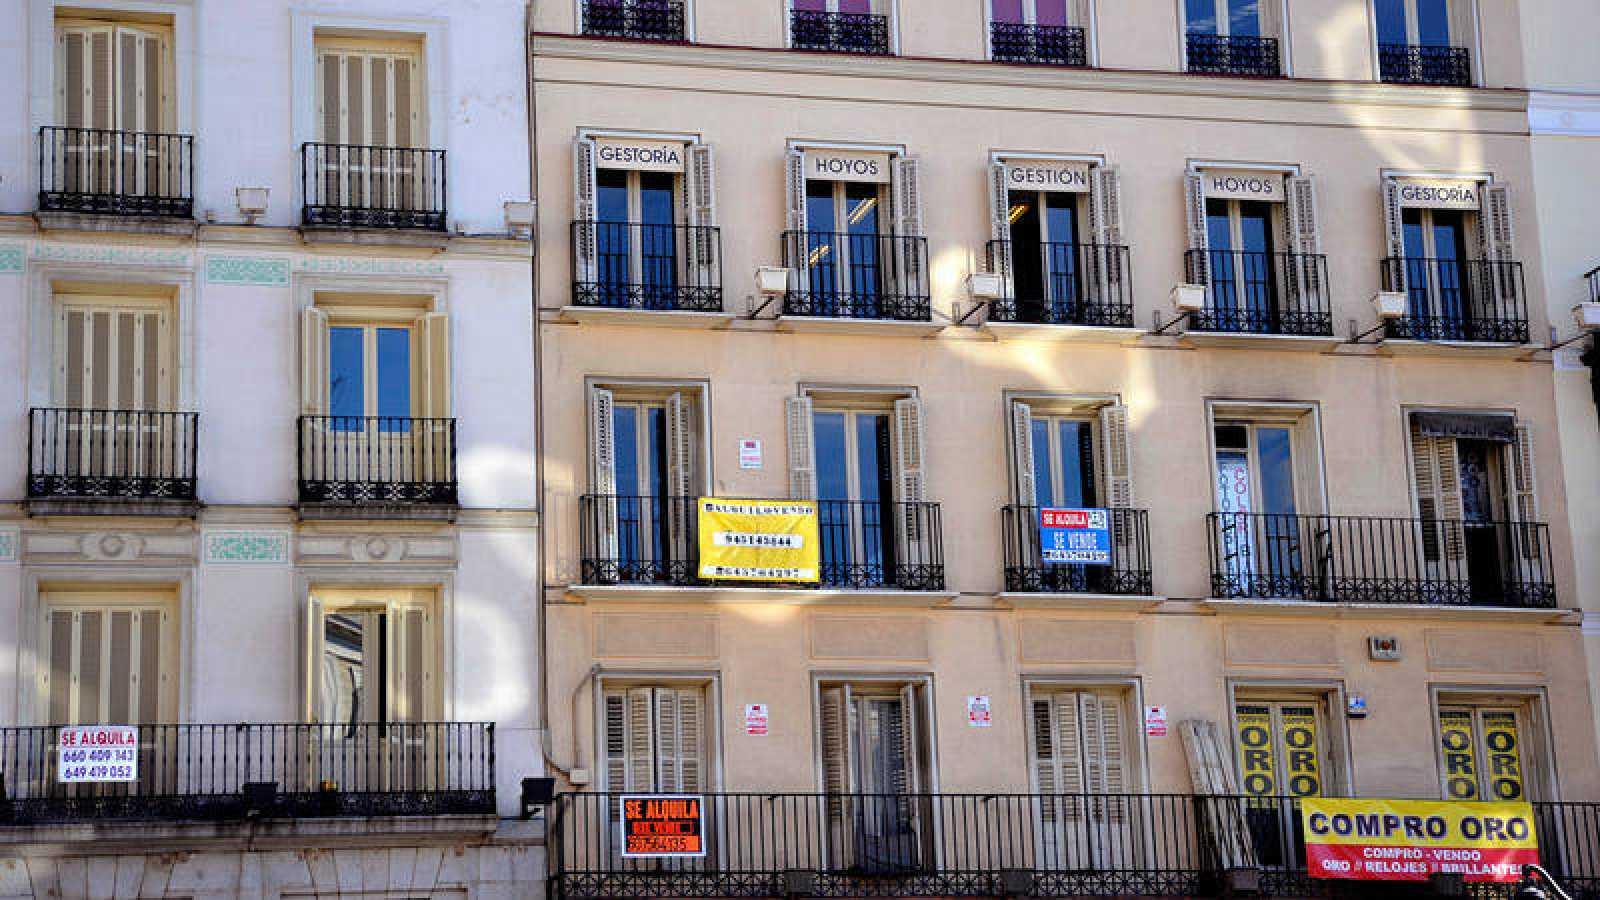 Fachada de un edificio de la capital con diferentes carteles de alquiler y venta.